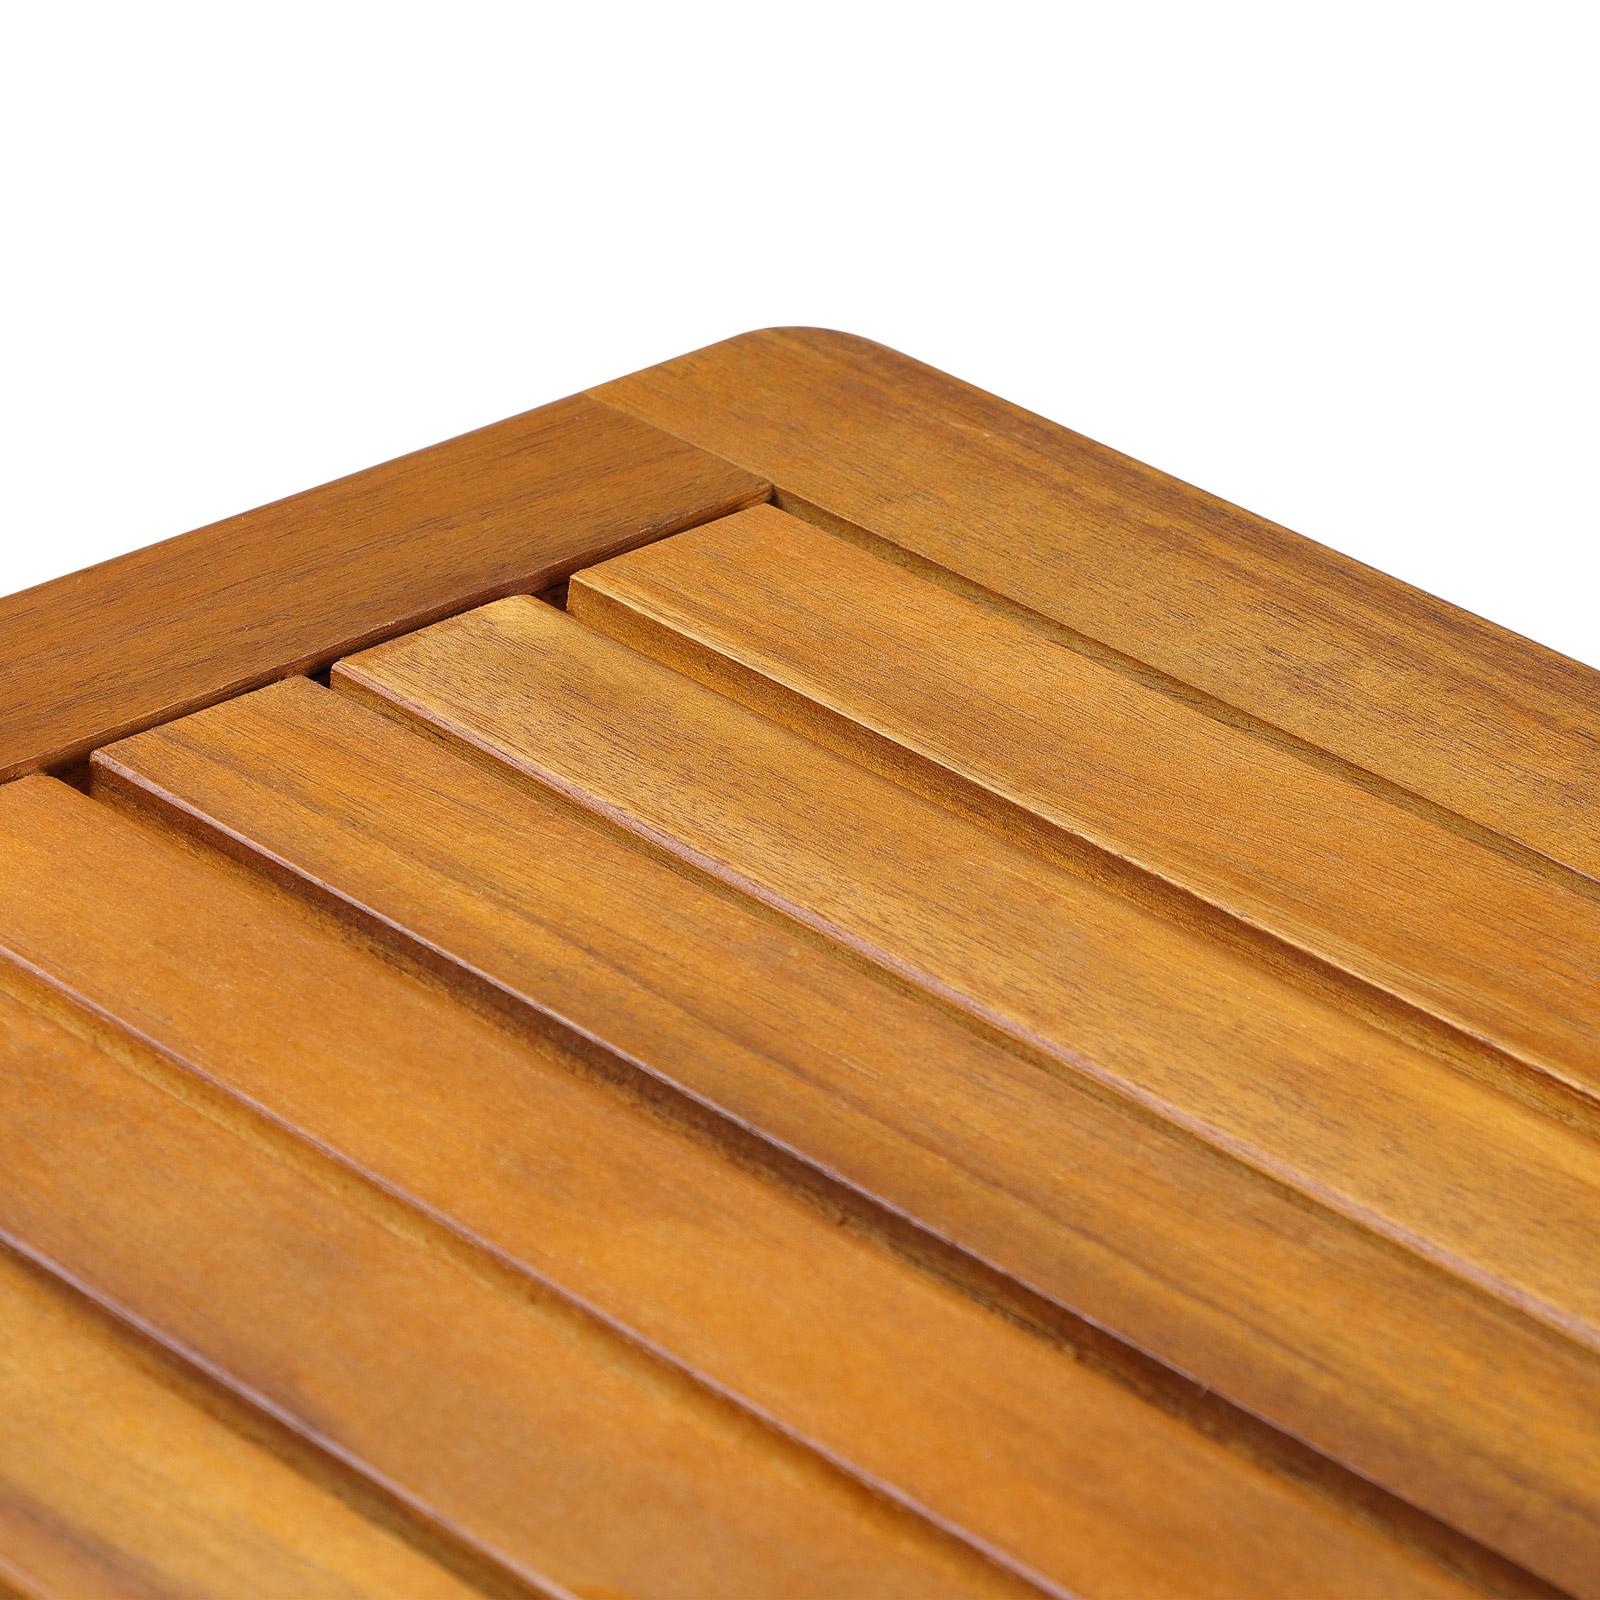 table basse jardin salon en bois d 39 acacia 45cm x 45cm x 45cm table d 39 appoint ebay. Black Bedroom Furniture Sets. Home Design Ideas